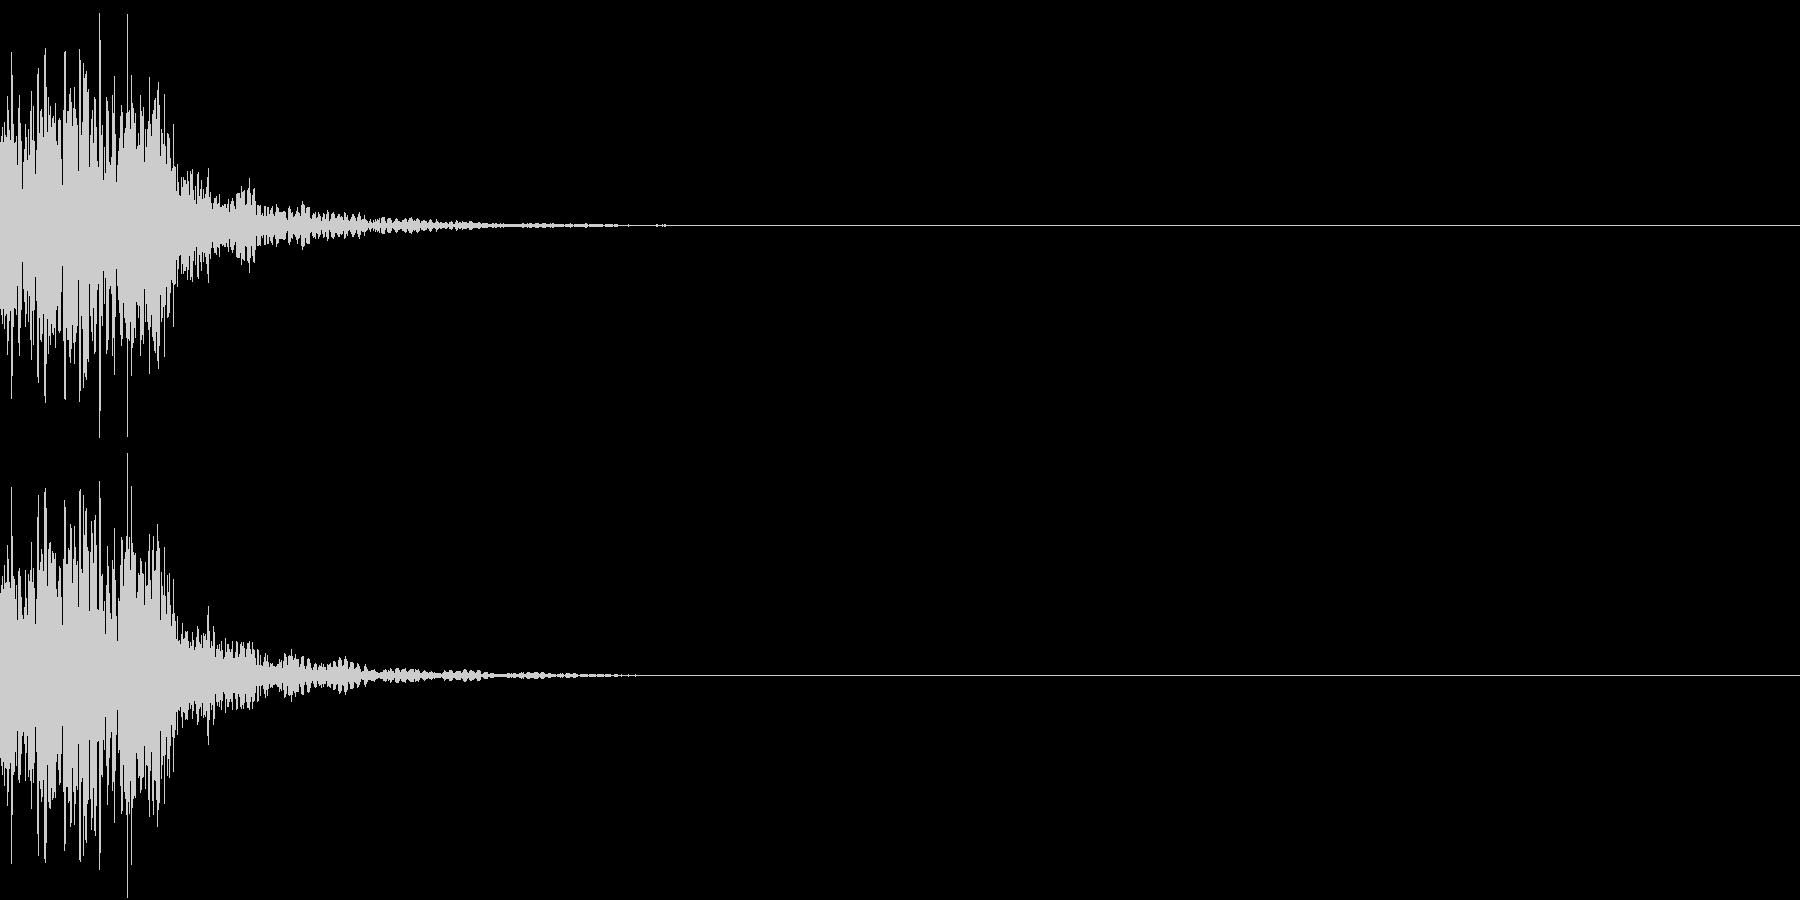 KAKUGE 格闘ゲーム戦闘音 43の未再生の波形